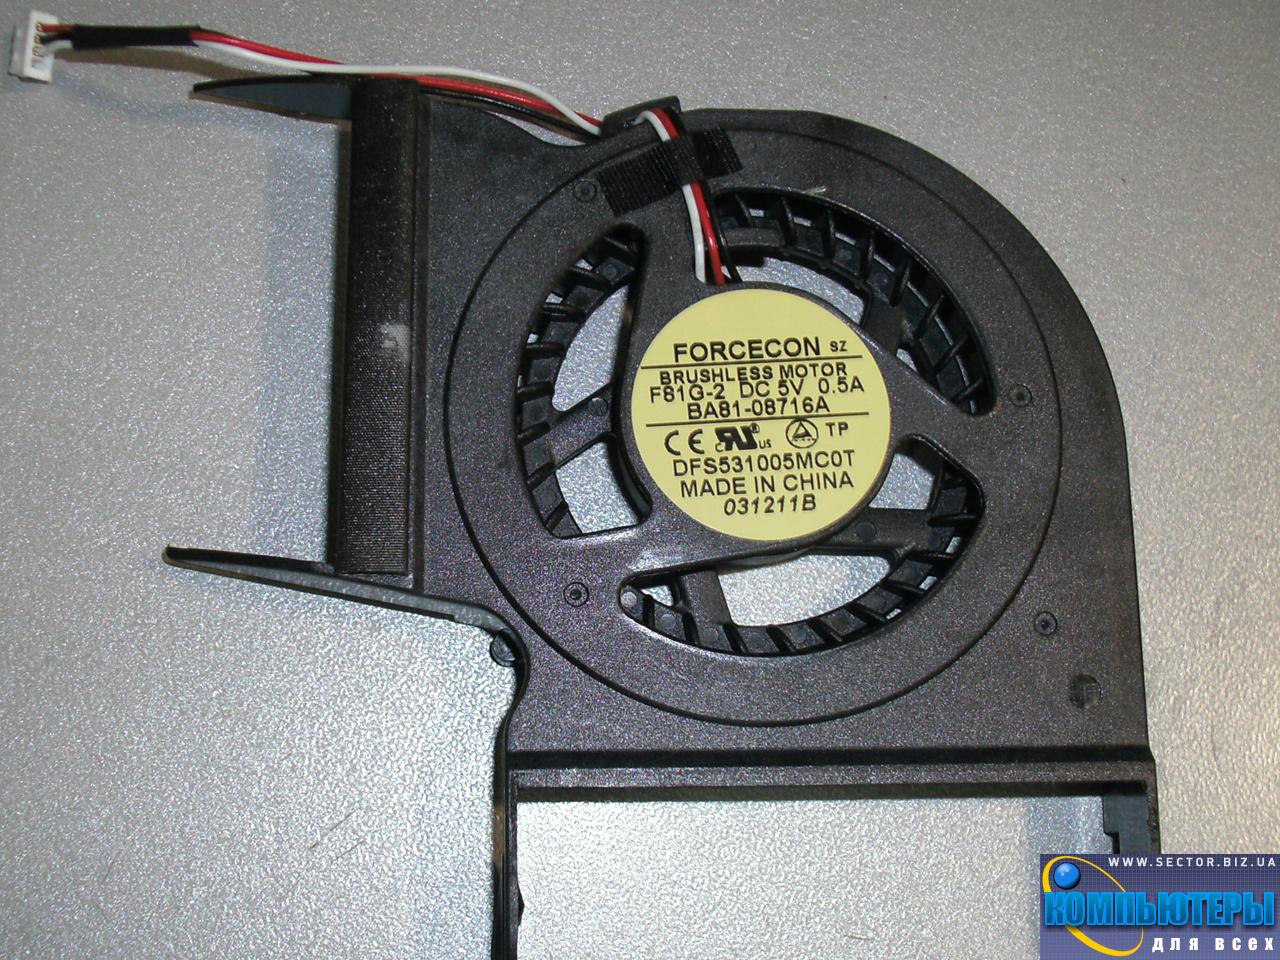 Кулер к ноутбуку Samsung R428 R429 R480 R478 R403 P428 R439 R440 p/n: DFS531005MC0T F81G-2. Фото № 3.